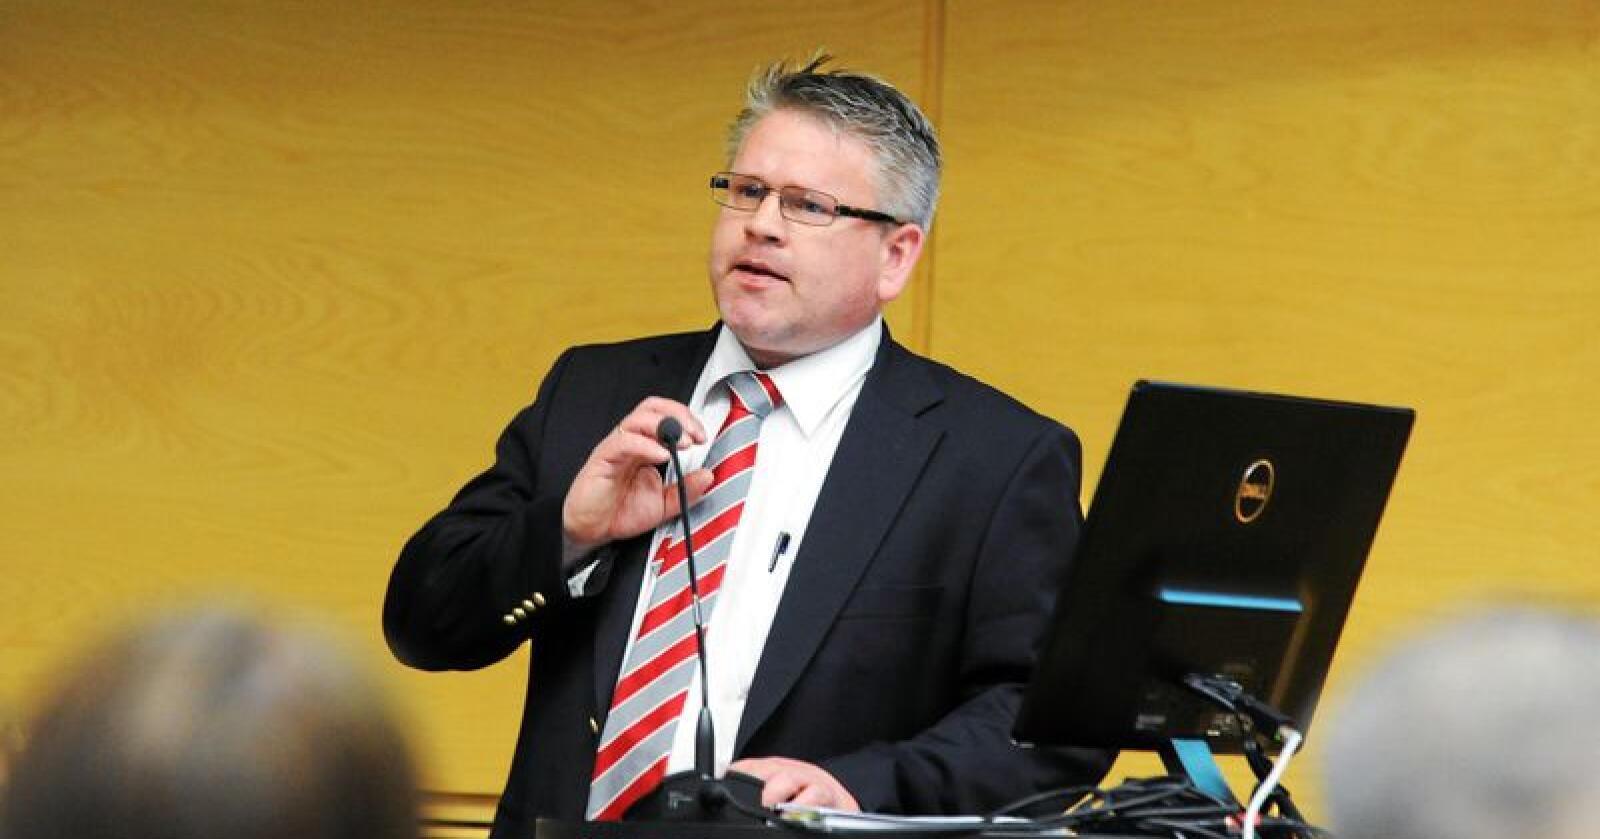 Leder: Erling Hjelmeng. Foto: Siri Juell Rasmussen